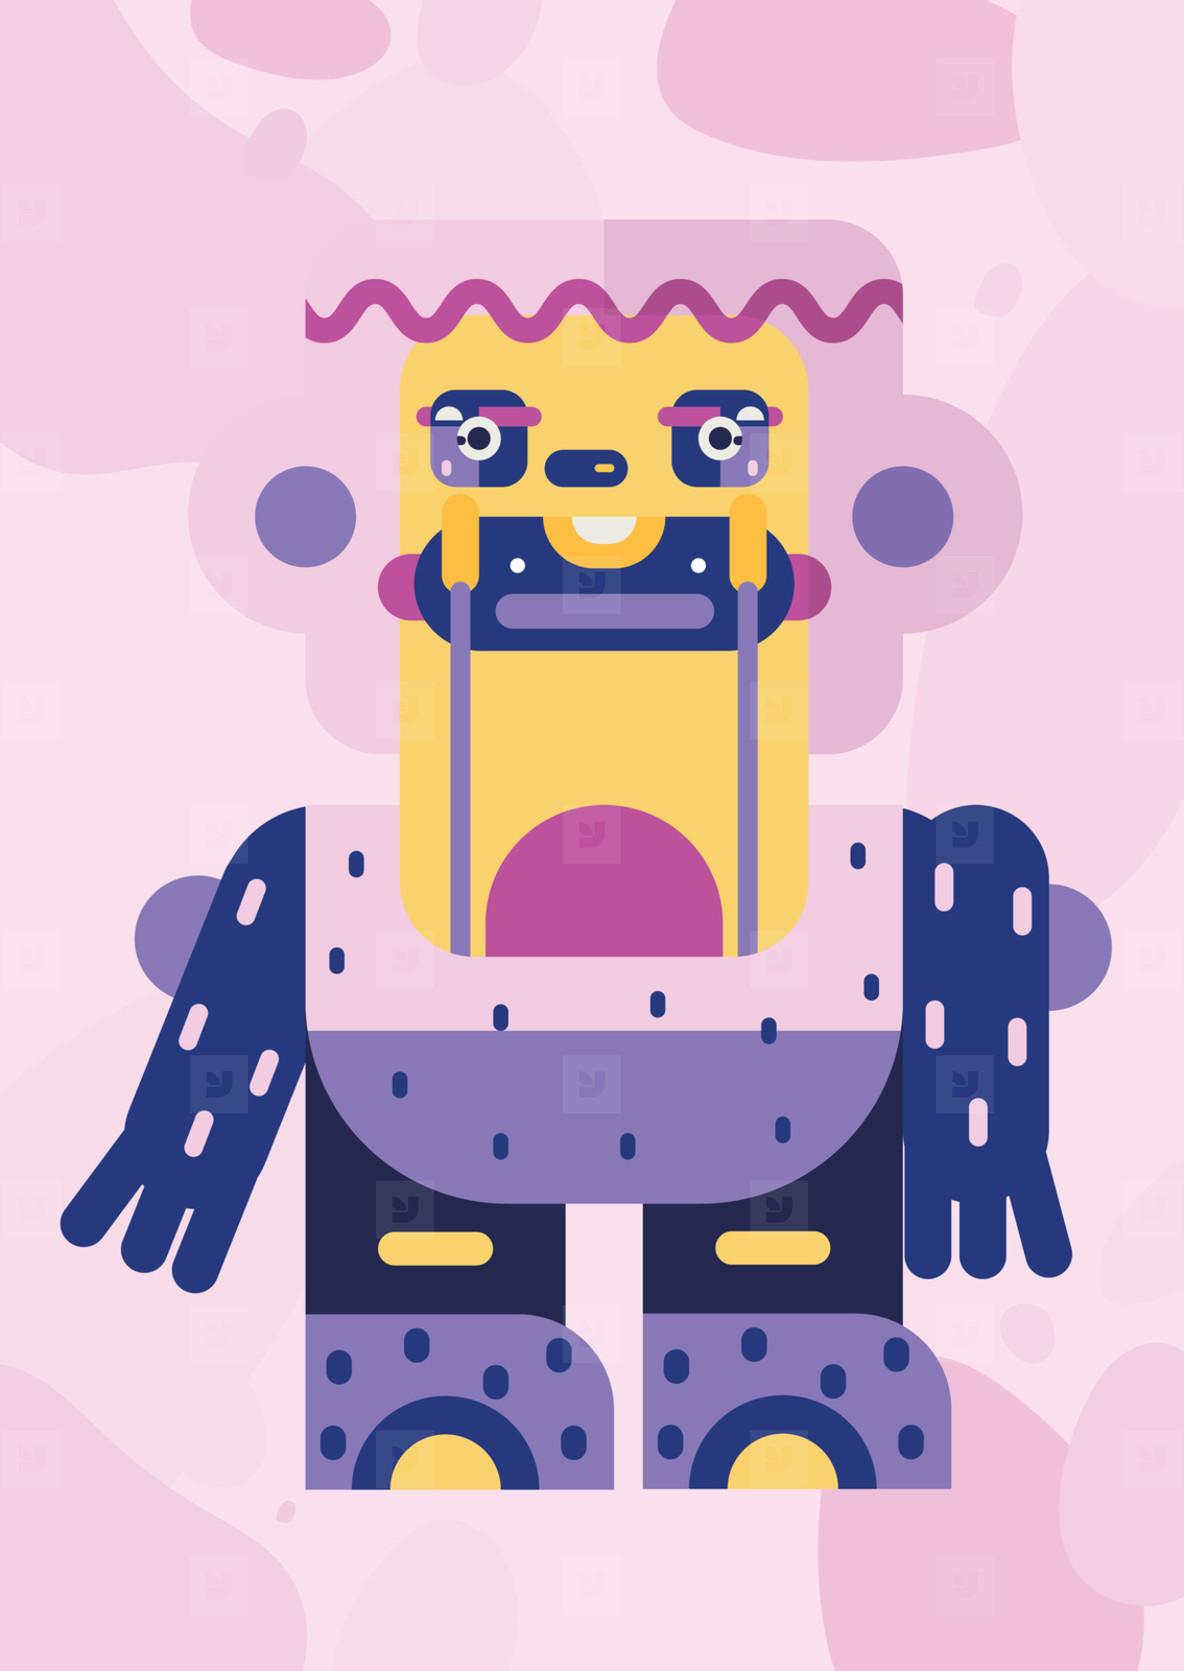 Robot Monster Creatures 32